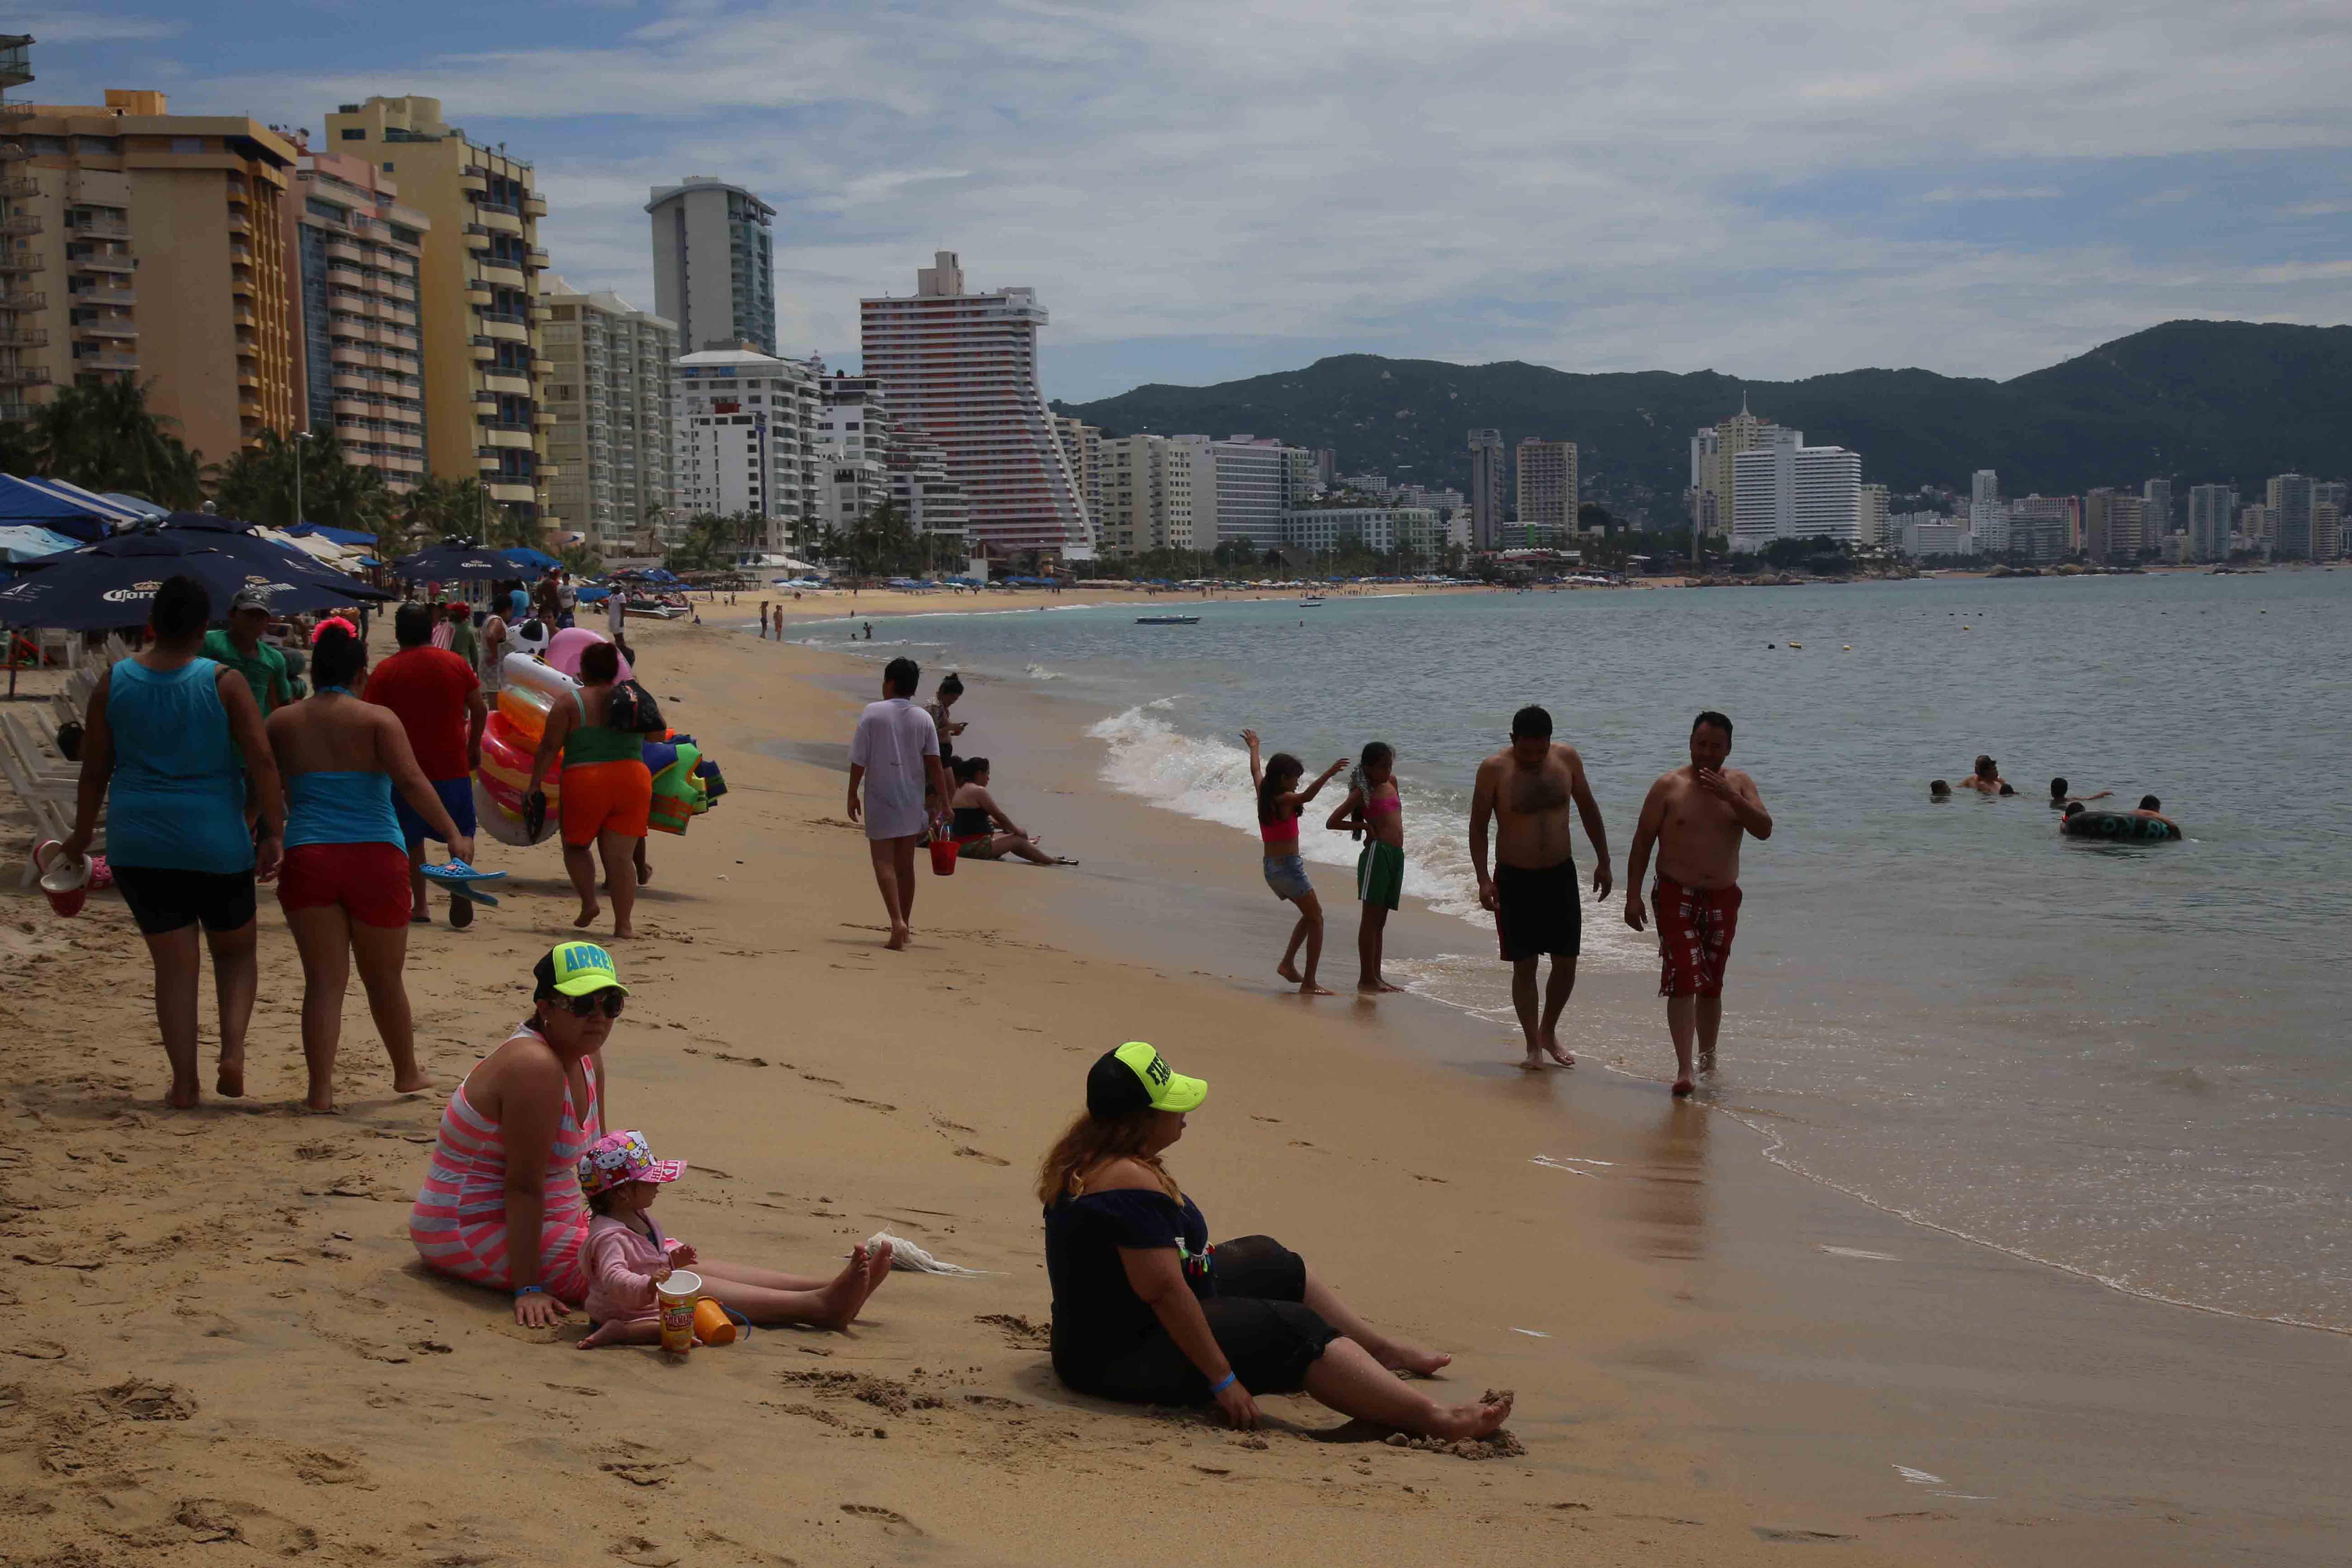 3-09-2017 Acapulco, Gro. Bañistas en la playa Papagayo, en donde ayer se vio poco turismo en playas de Acapulco.  Foto: Carlos Alberto Carbajal